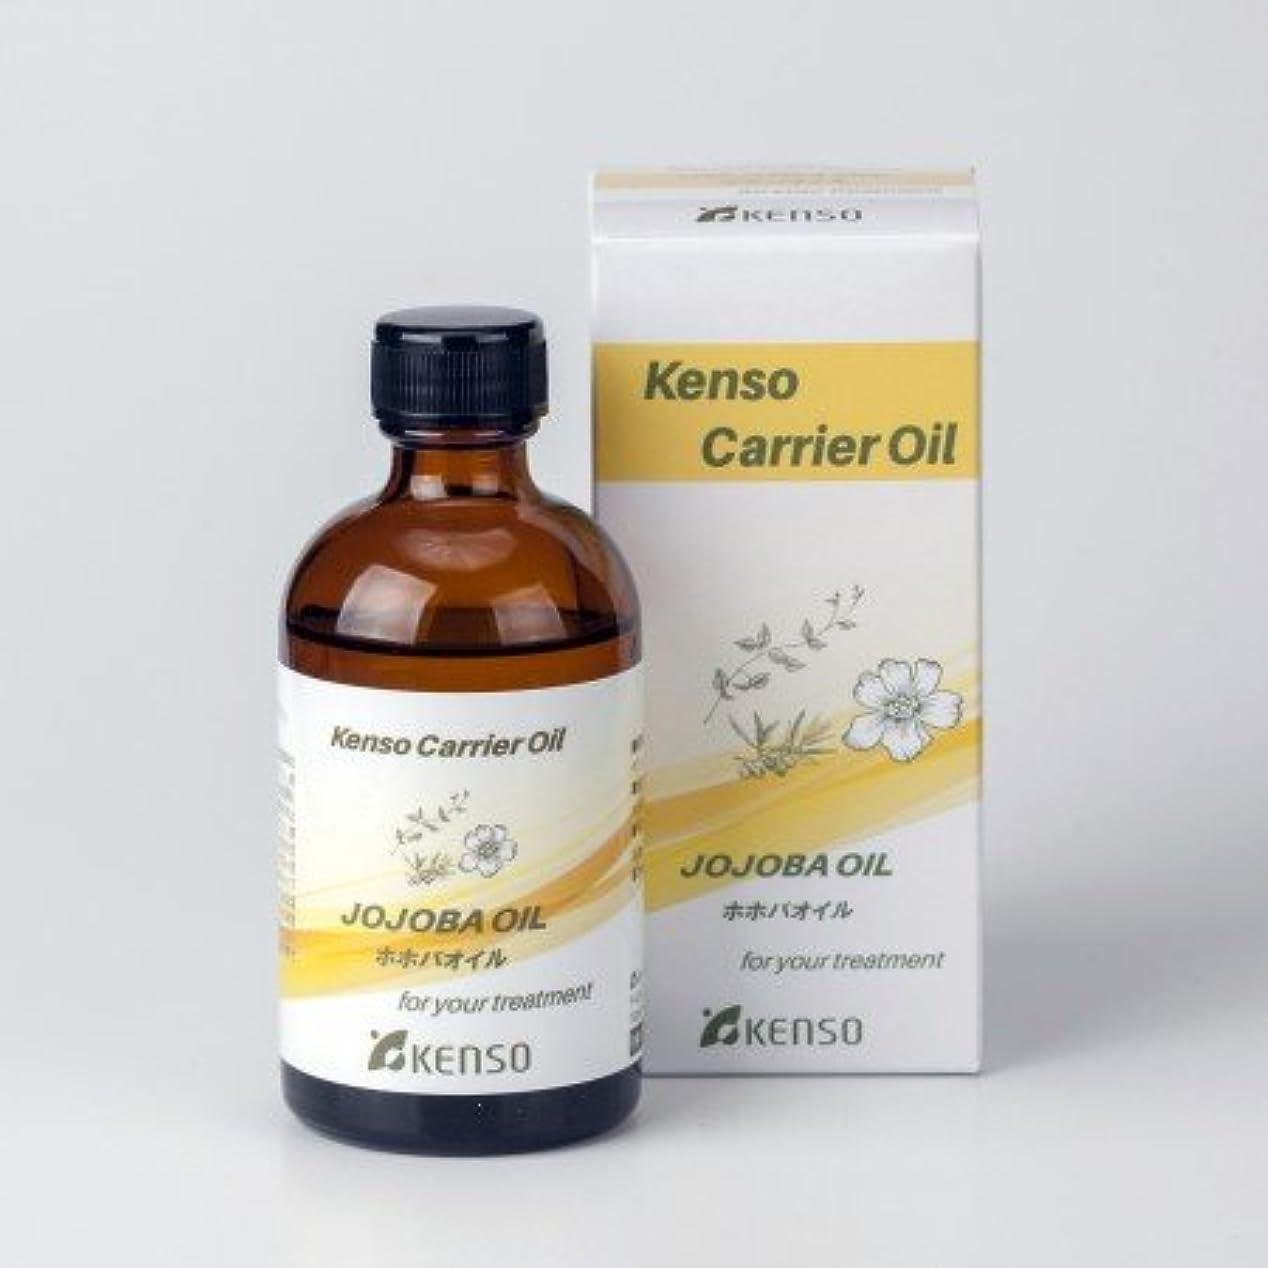 野な化学薬品強打健草医学舎 ( KENSO ケンソー ) 植物油 ホホバオイル 100ml 12355